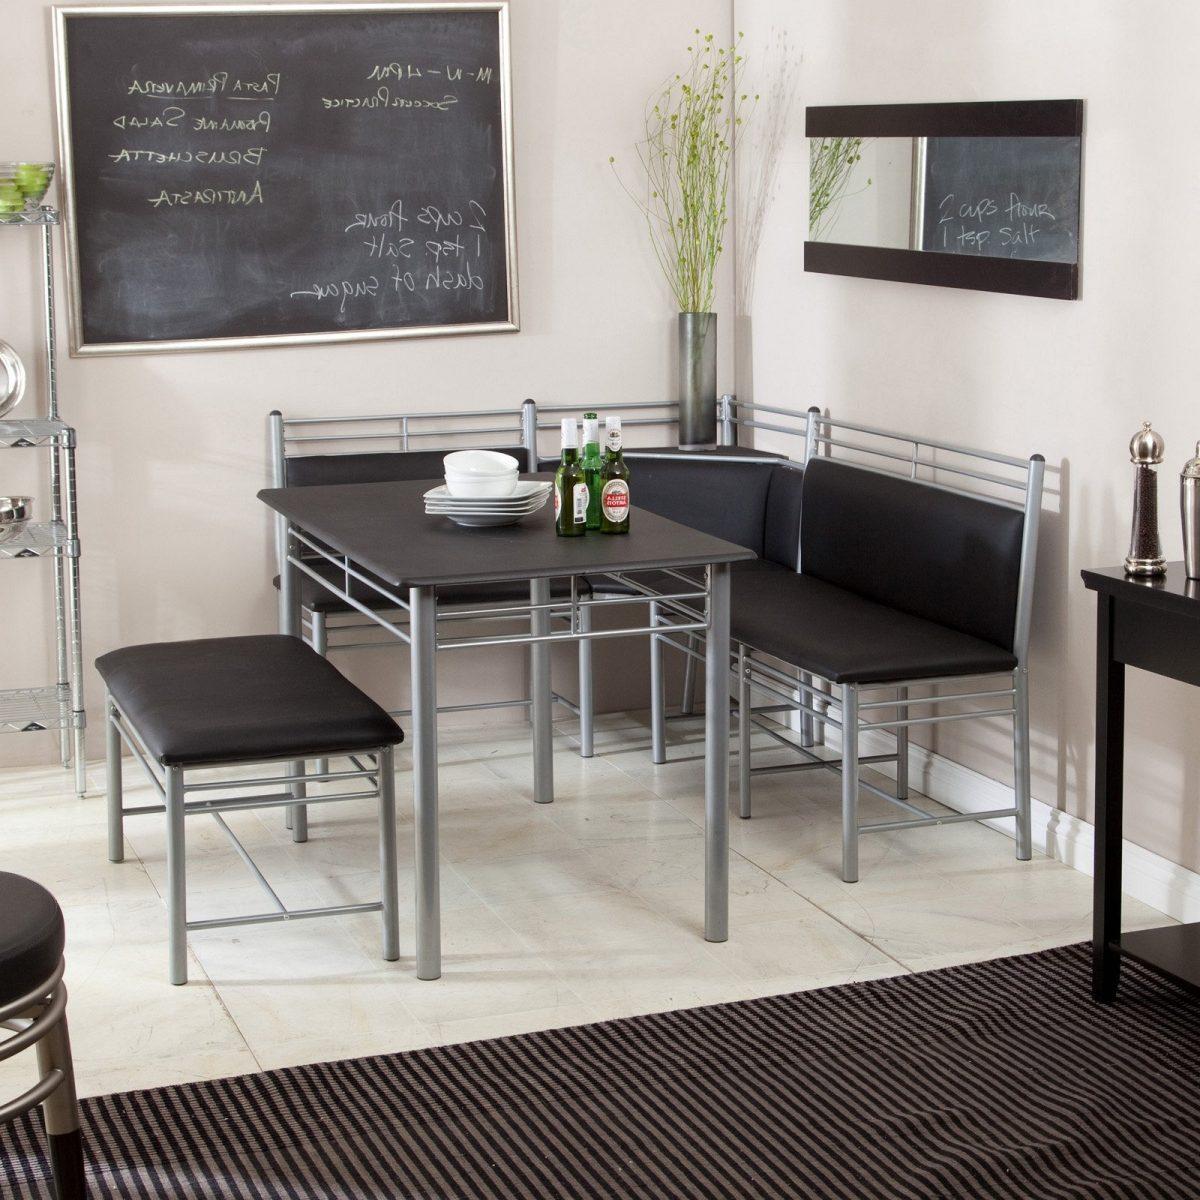 Unusual Kitchen Chairs: Angolo Colazione In Casa